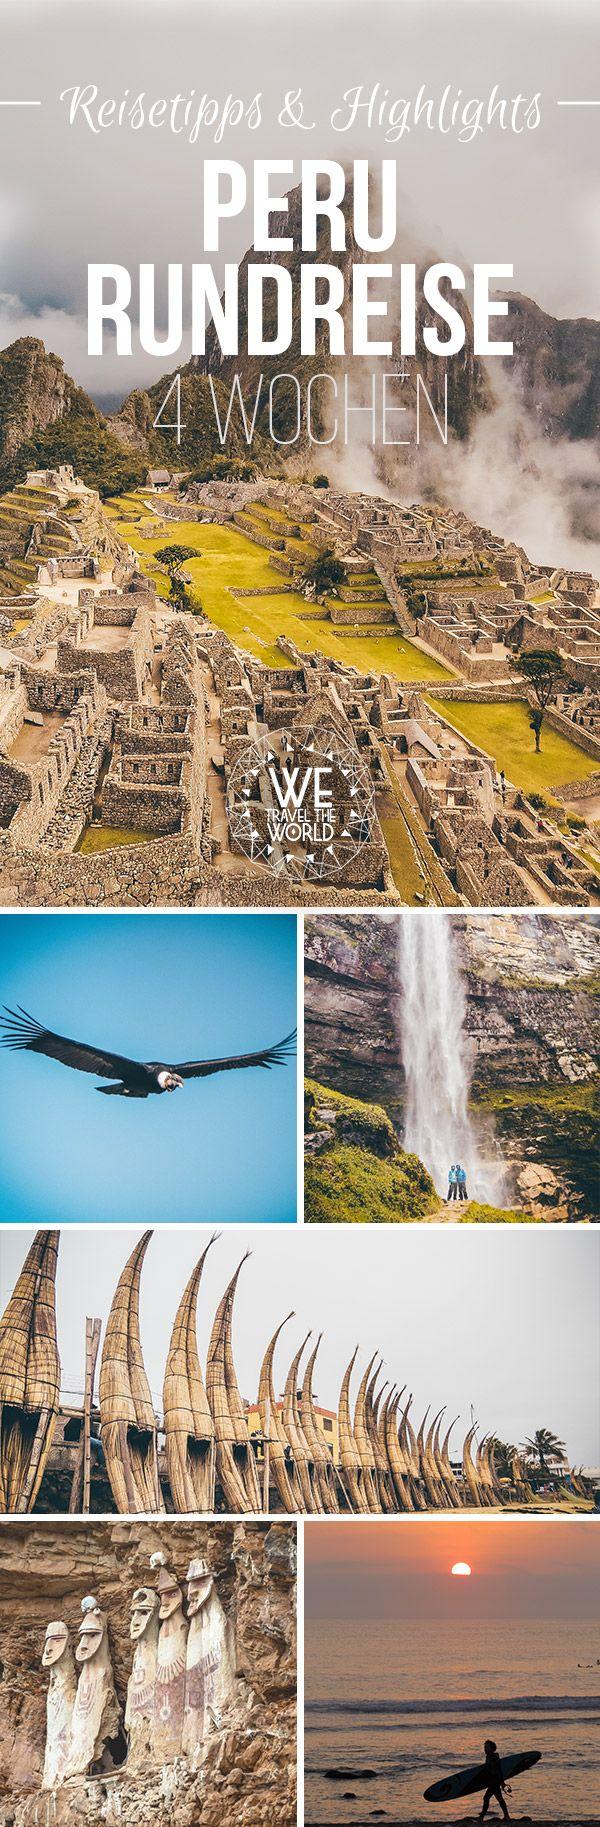 Peru Rundreise Tipps: Die 8 besten Peru Sehenswürdigkeiten & Highlights